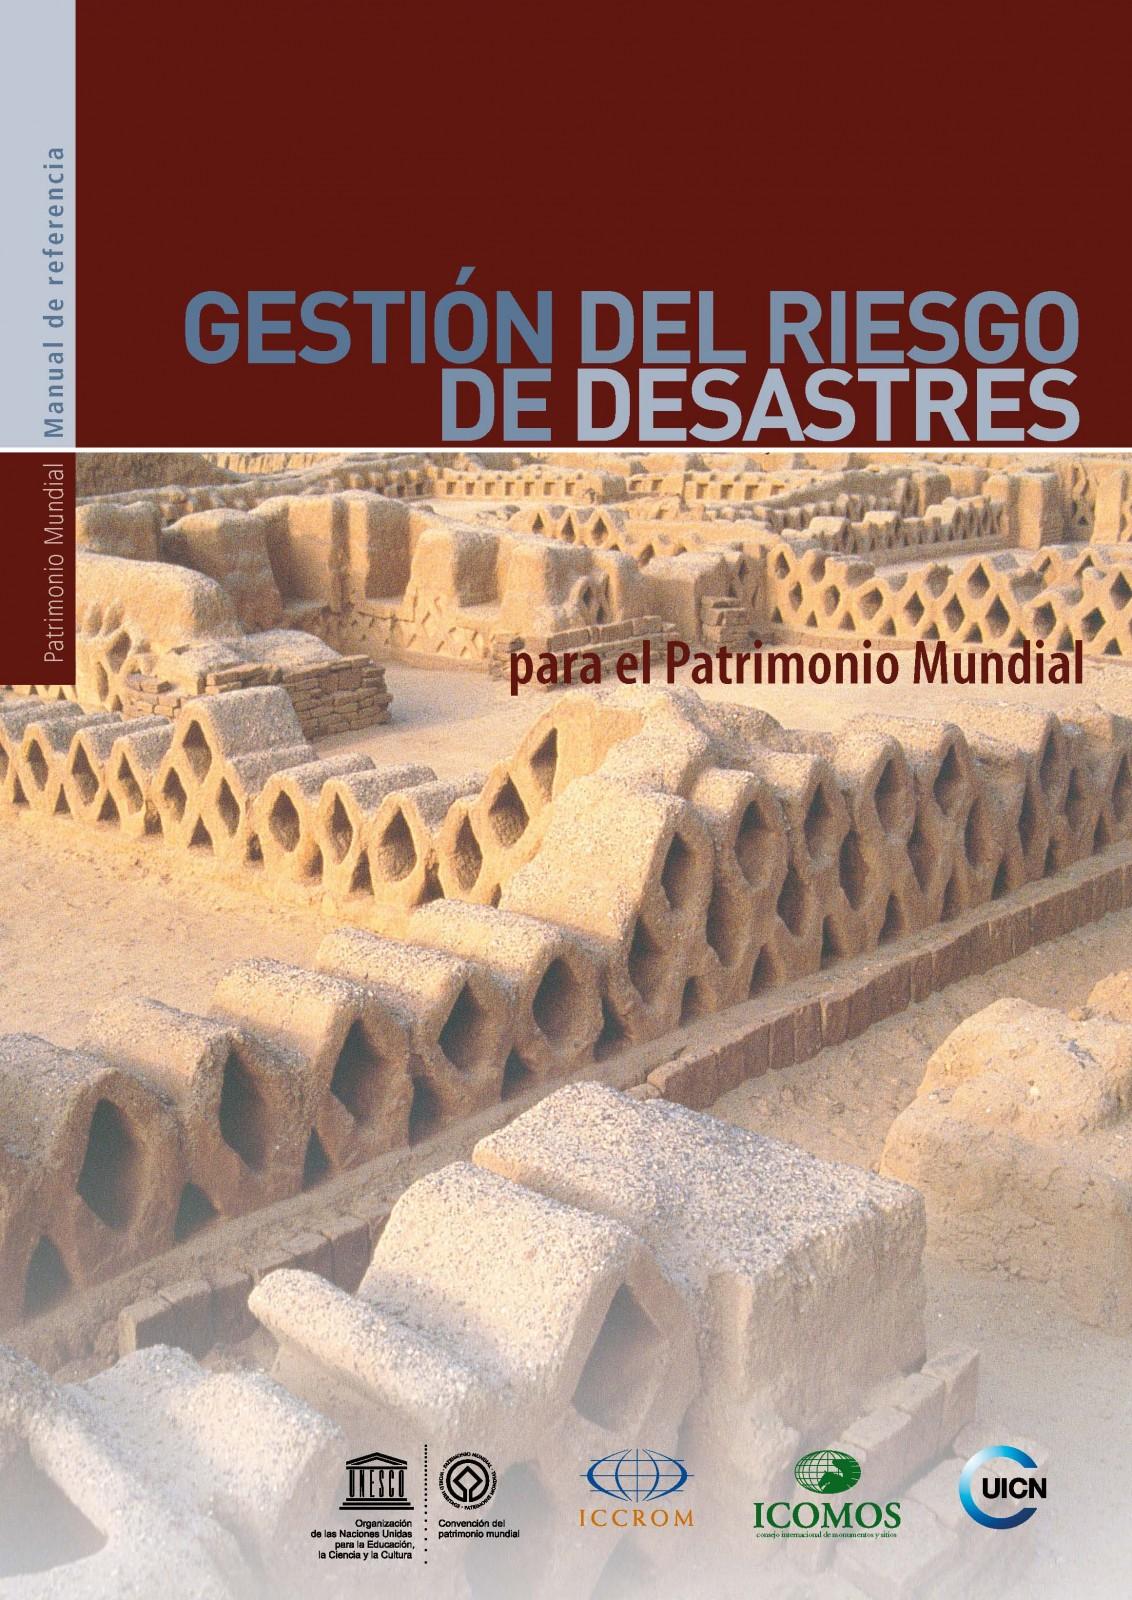 Gestión del Riesgo de Desastres para el Patrimonio Mundial, UNESCO